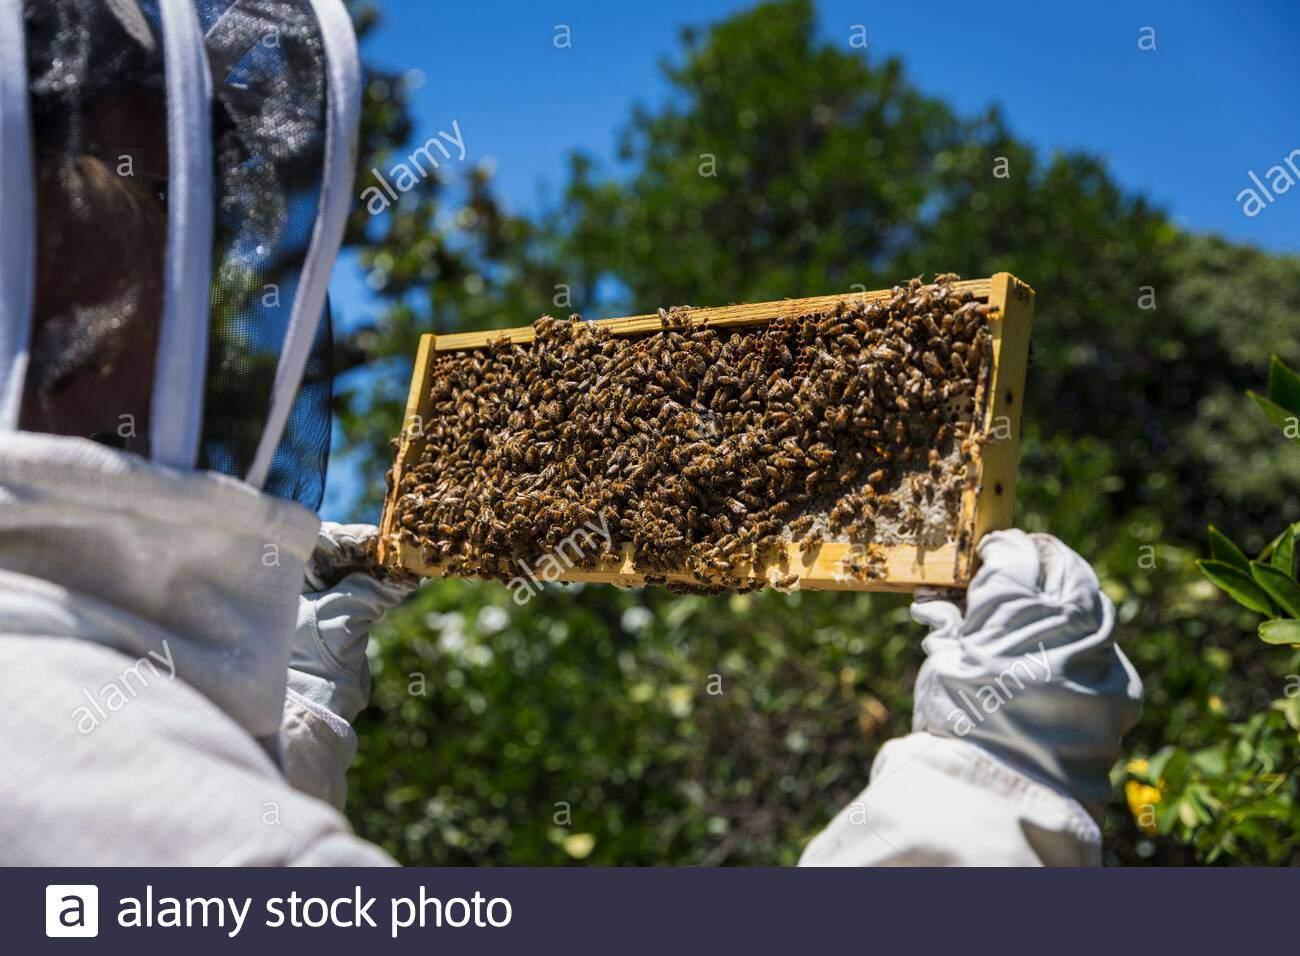 imker mit einem honig frame in bienen bedeckt 2ae0c3j